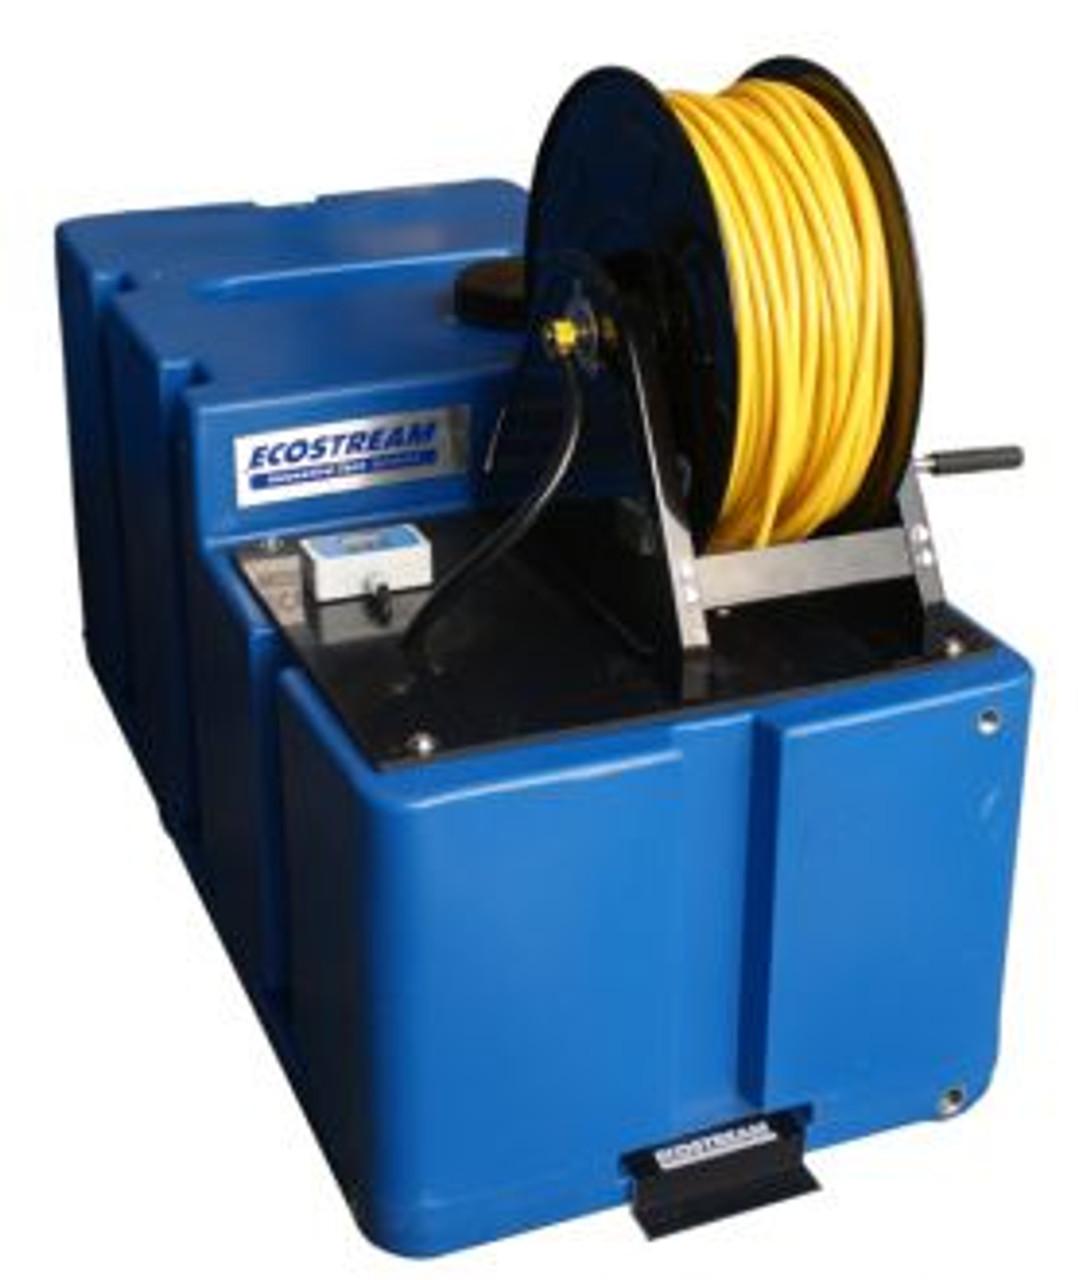 EcoStream 400 DI - Single System